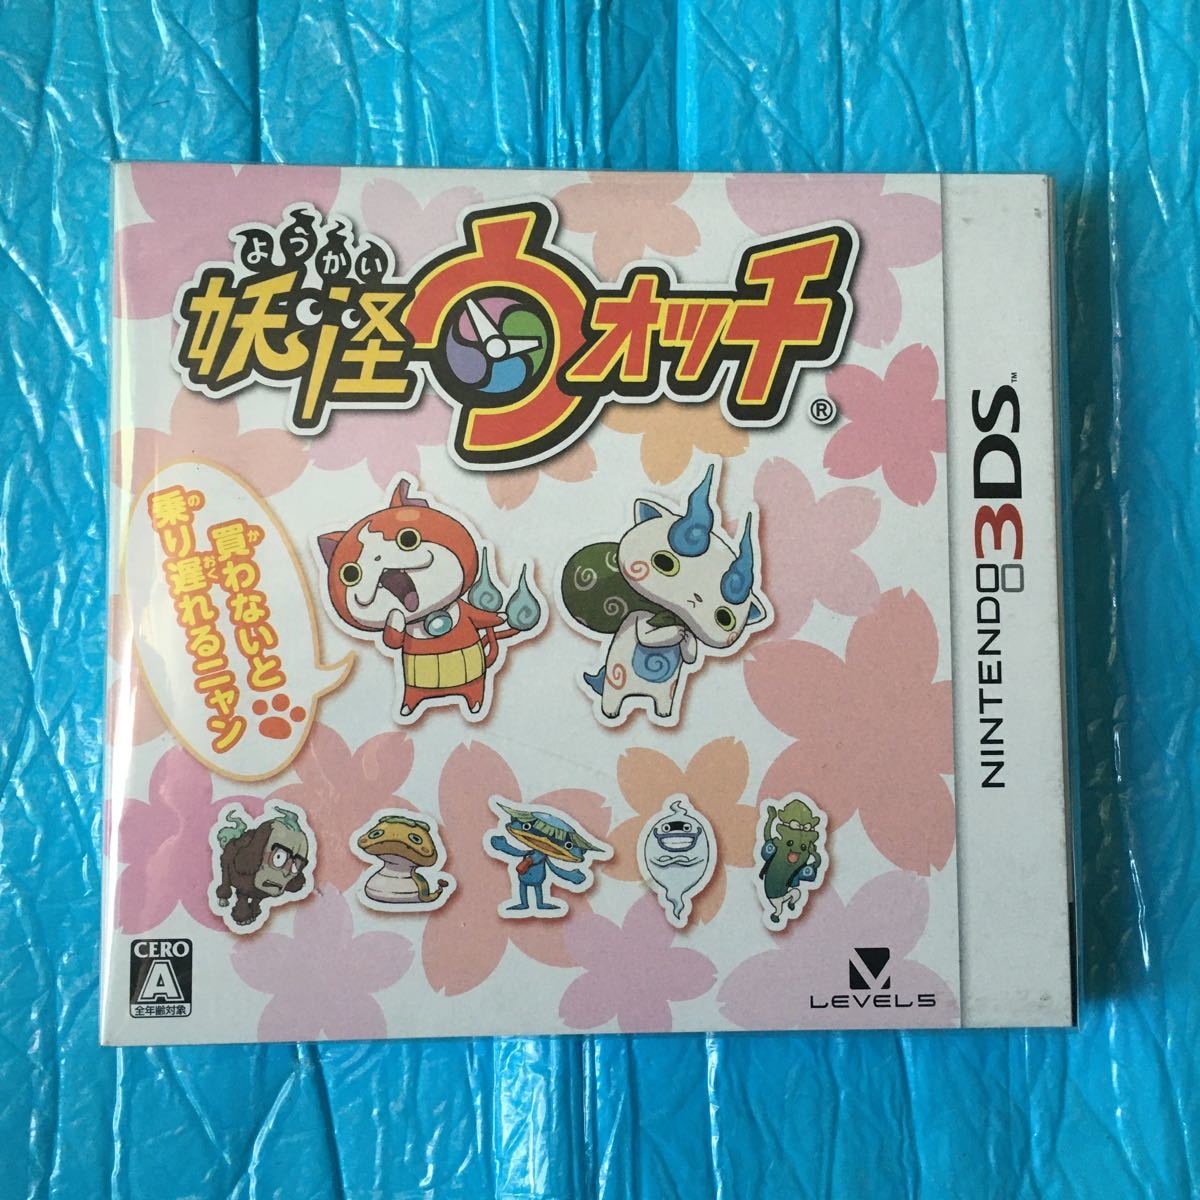 妖怪ウォッチ 3DS 新品 未開封 外箱付き 妖怪ウォッチ1 ワン